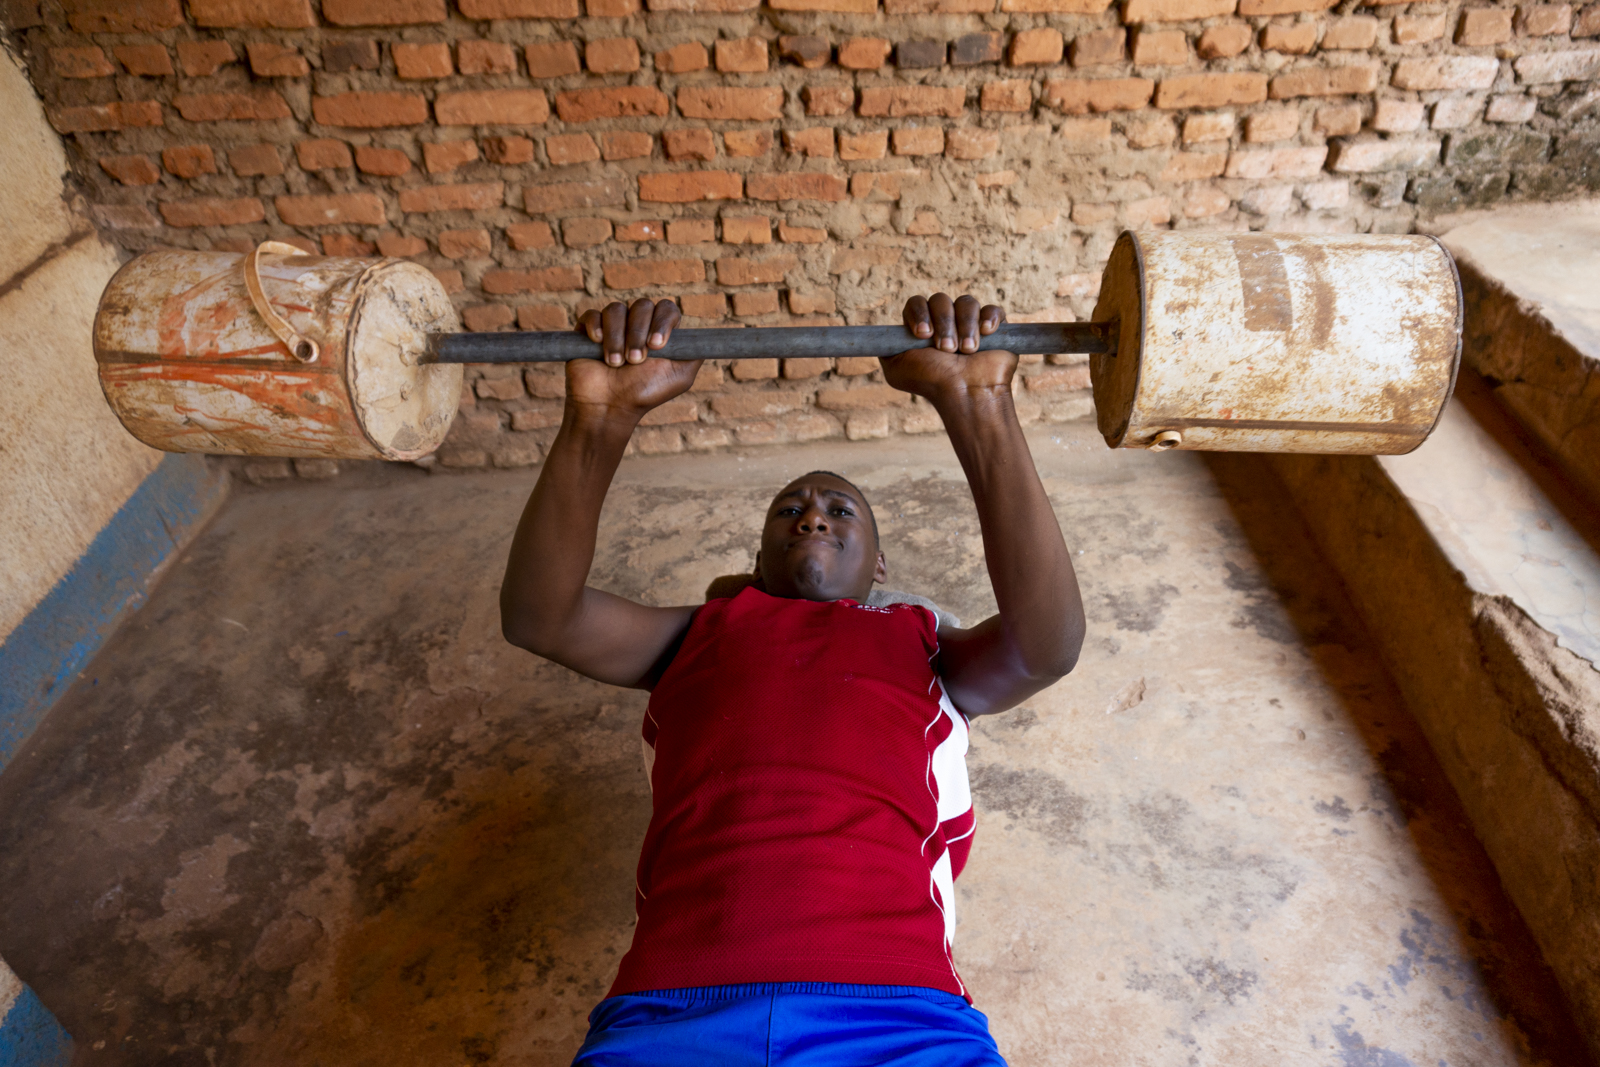 Maramu si allena nel cortile del Foyer des Enfants dell'associazione Insieme per la Pace, a Masoro. Maramu è nato nel 2000, anno dal quale l'economia ruandese cresce in media di circa 8% l'anno.